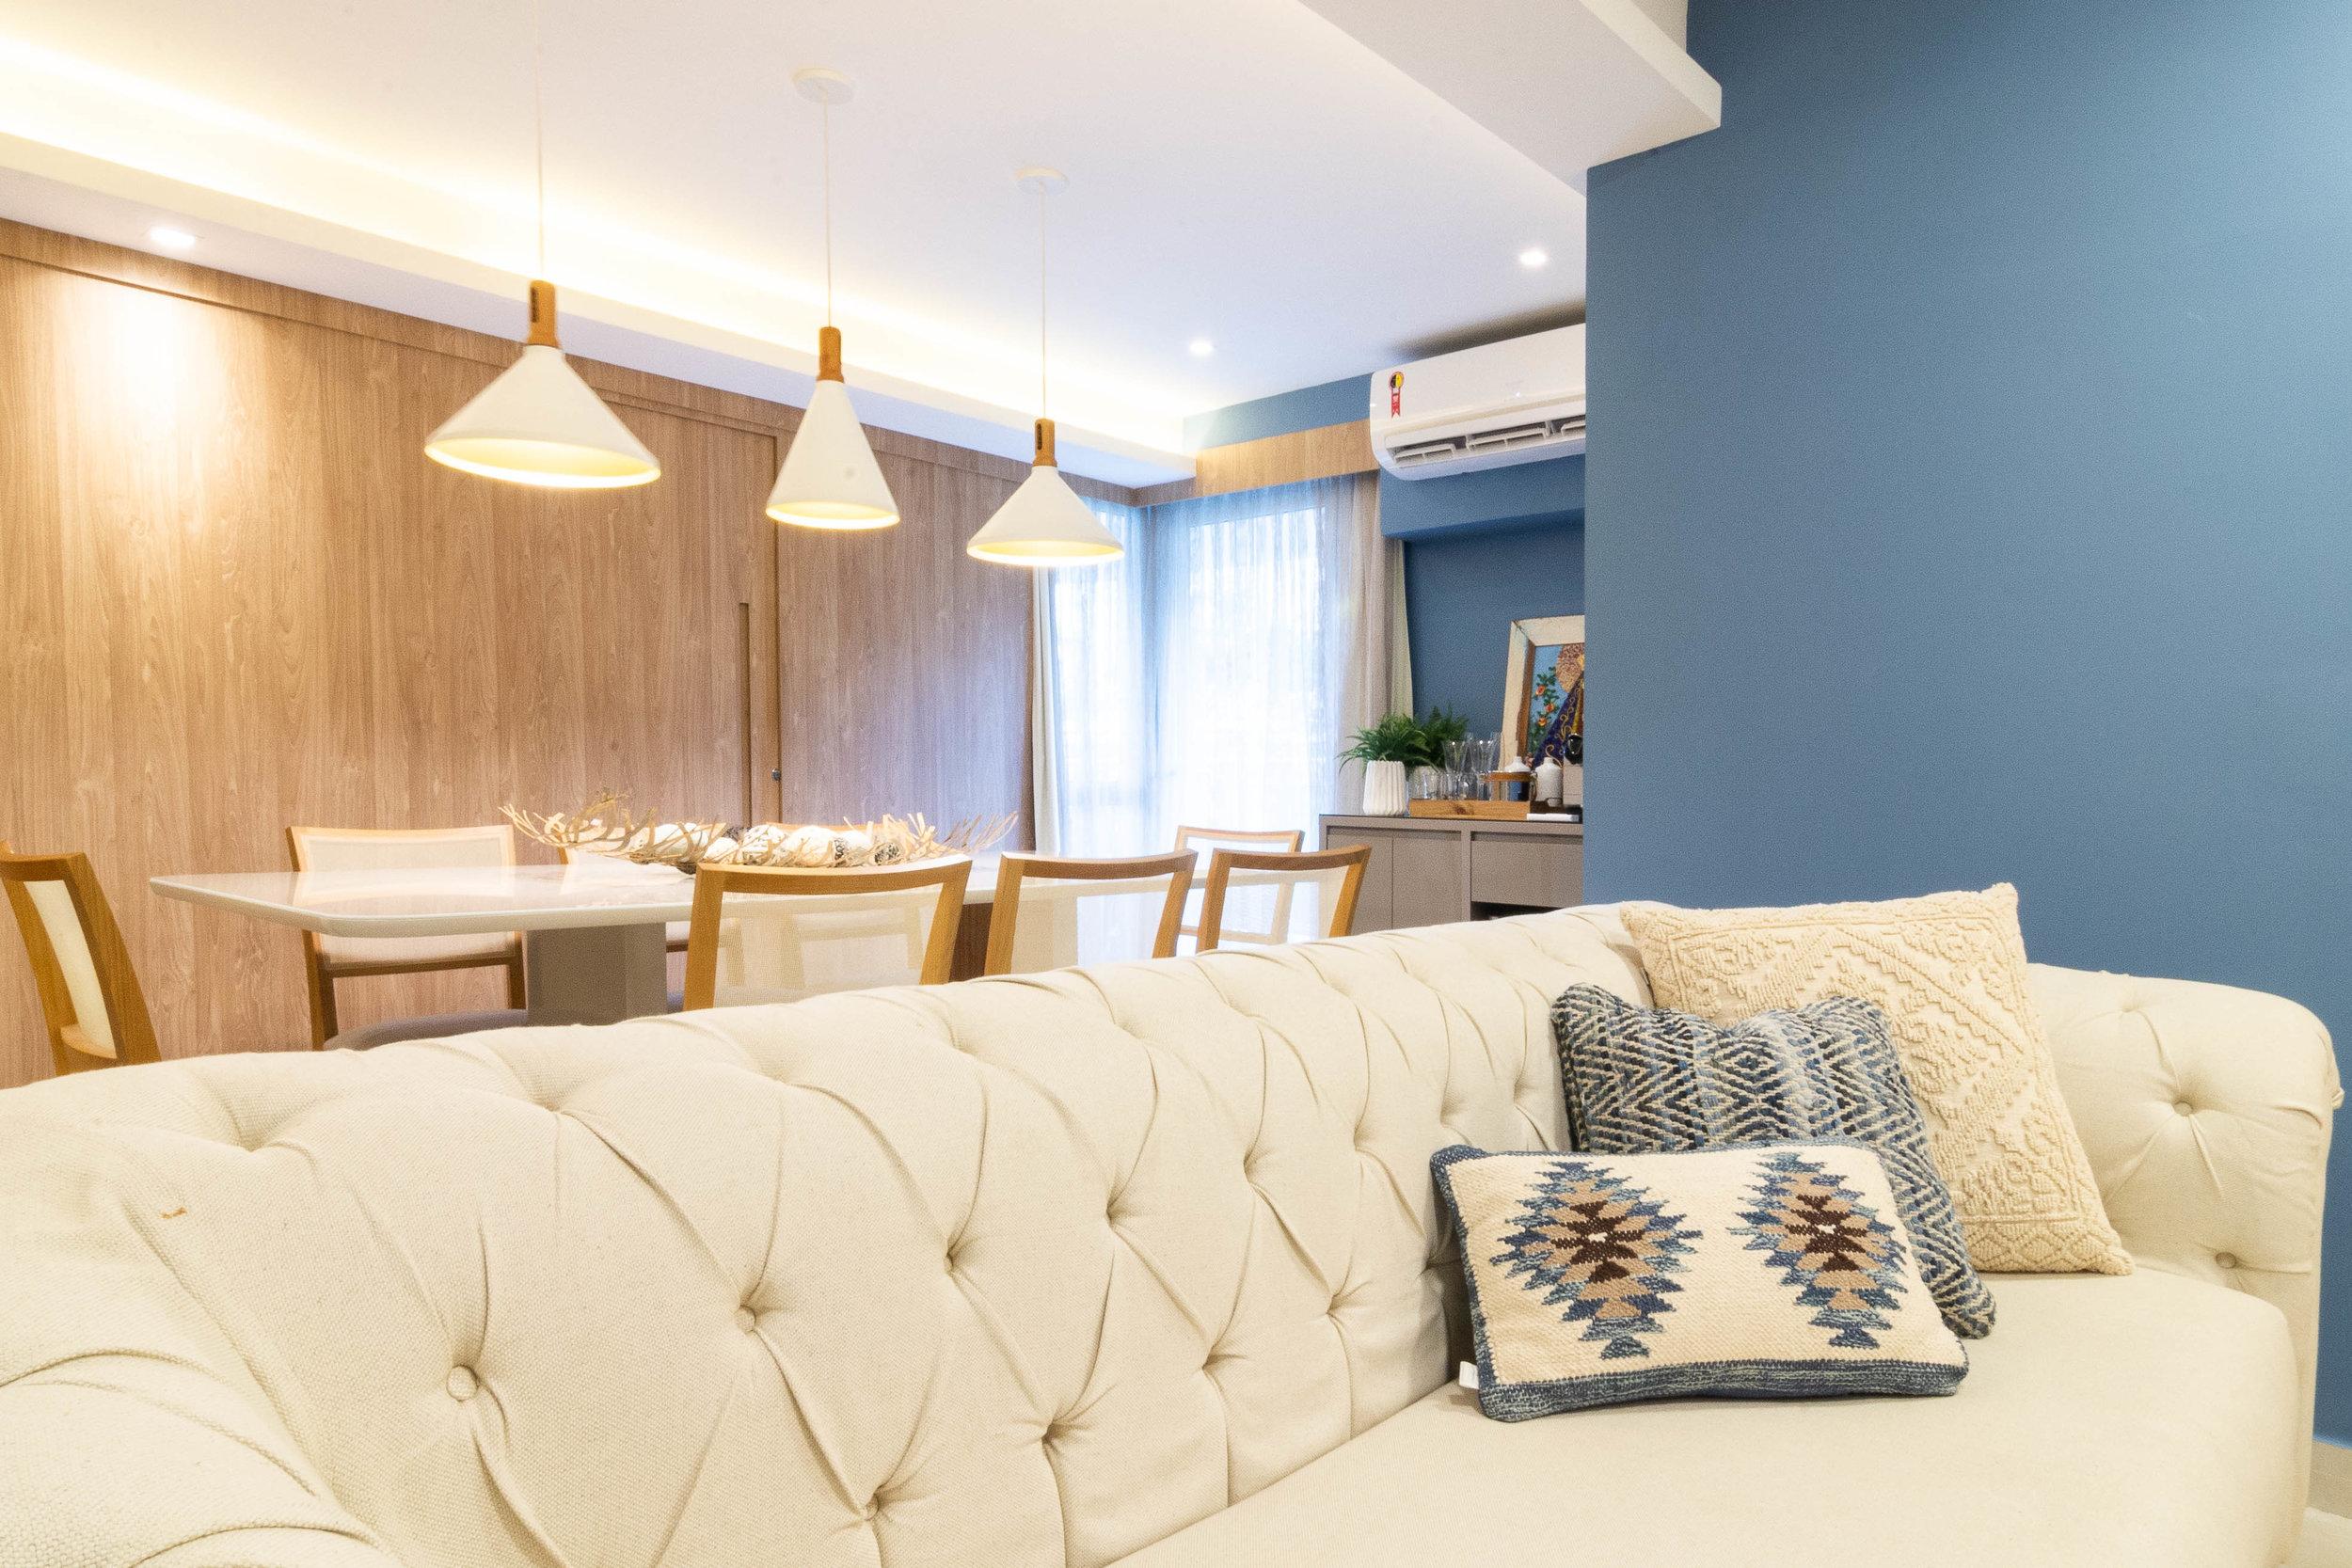 projeto-arquitetonico-luciananilton-duo-arquitetura-apartamentos-praia-02.jpg